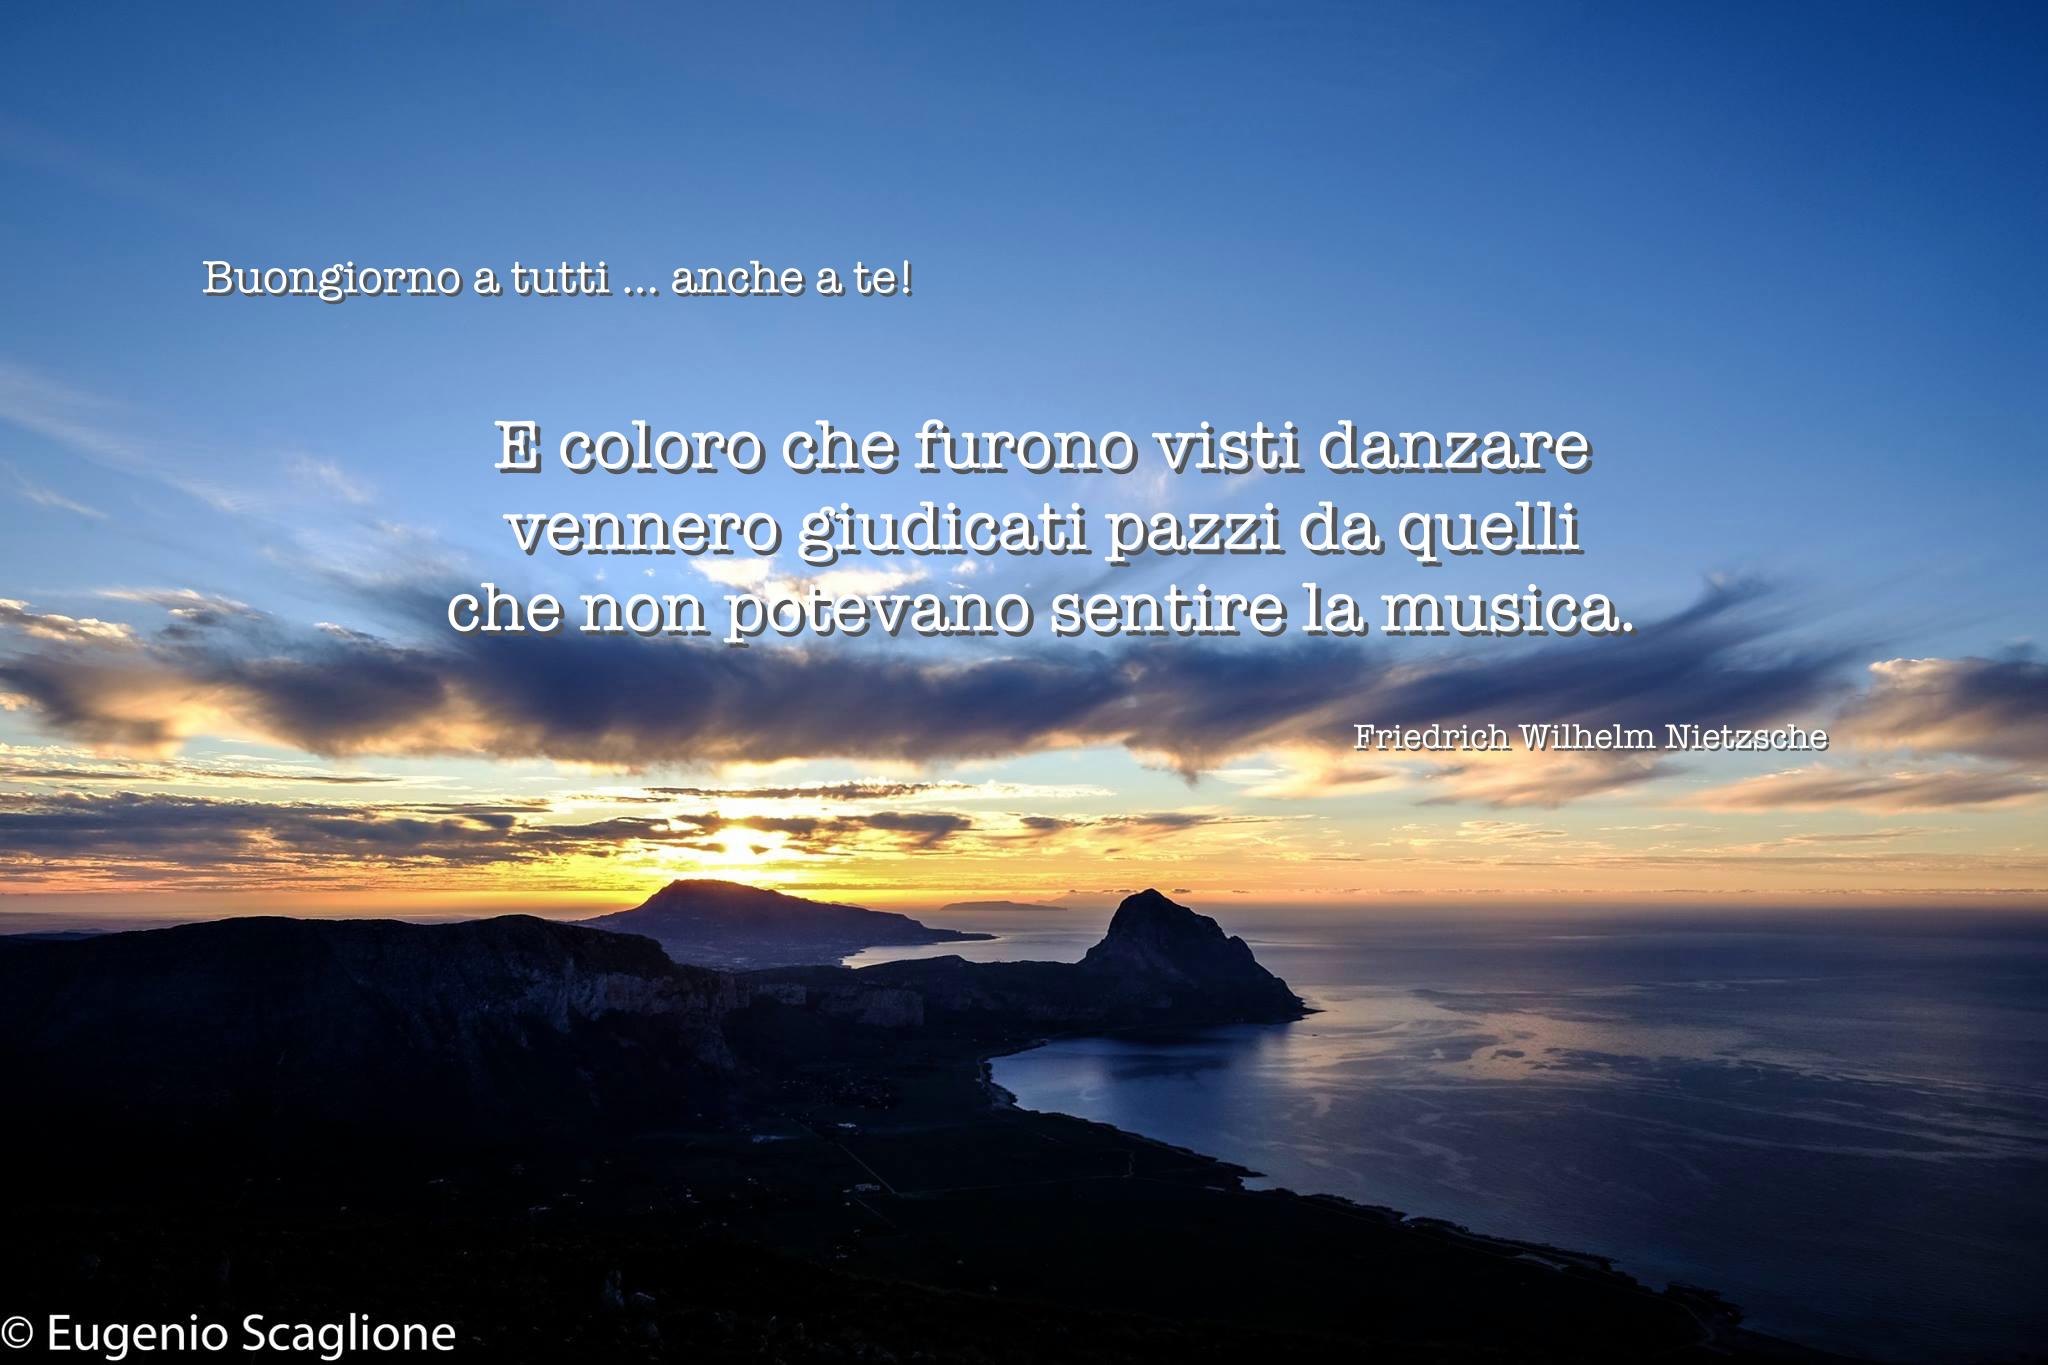 Scaglione Monte cofano buongiorno 2016 01 04